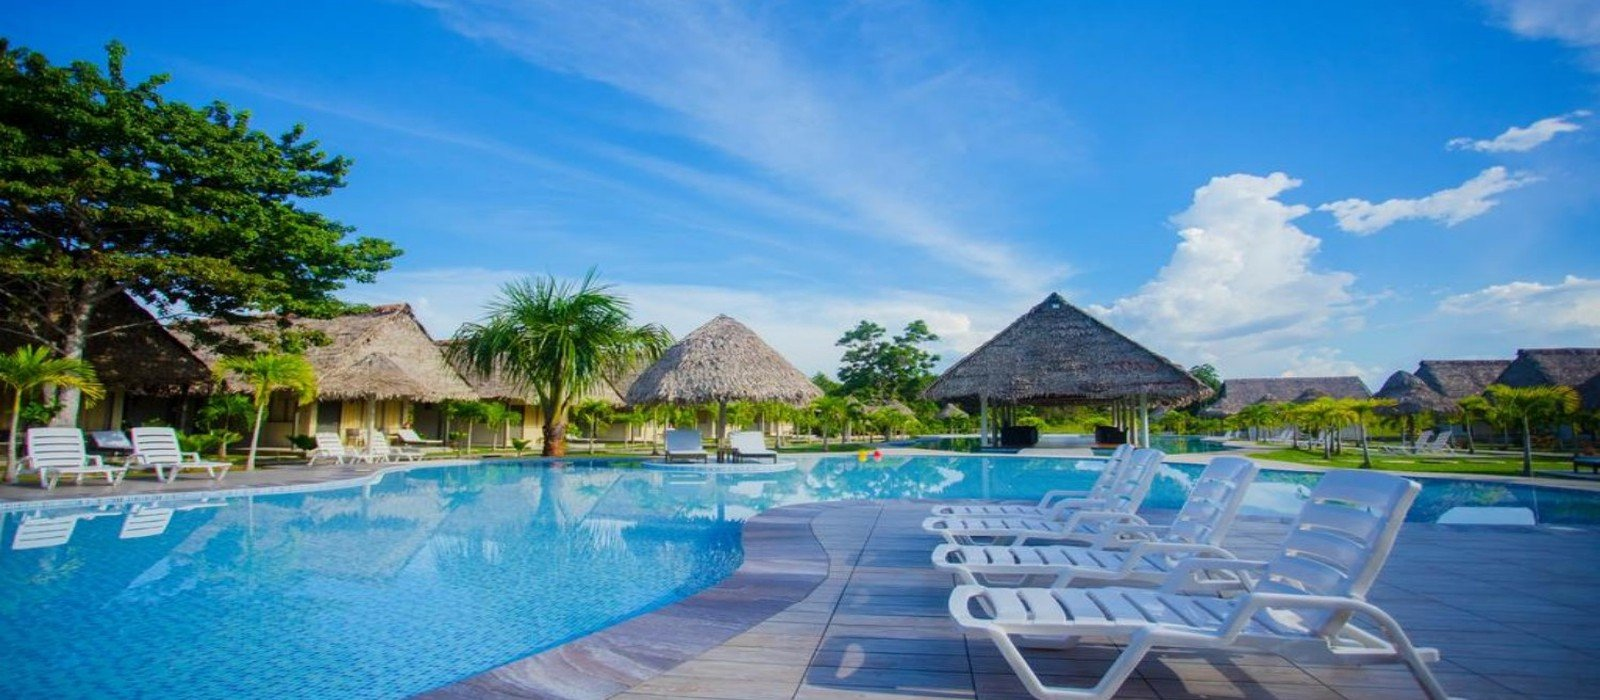 Irapay Luxury Resort